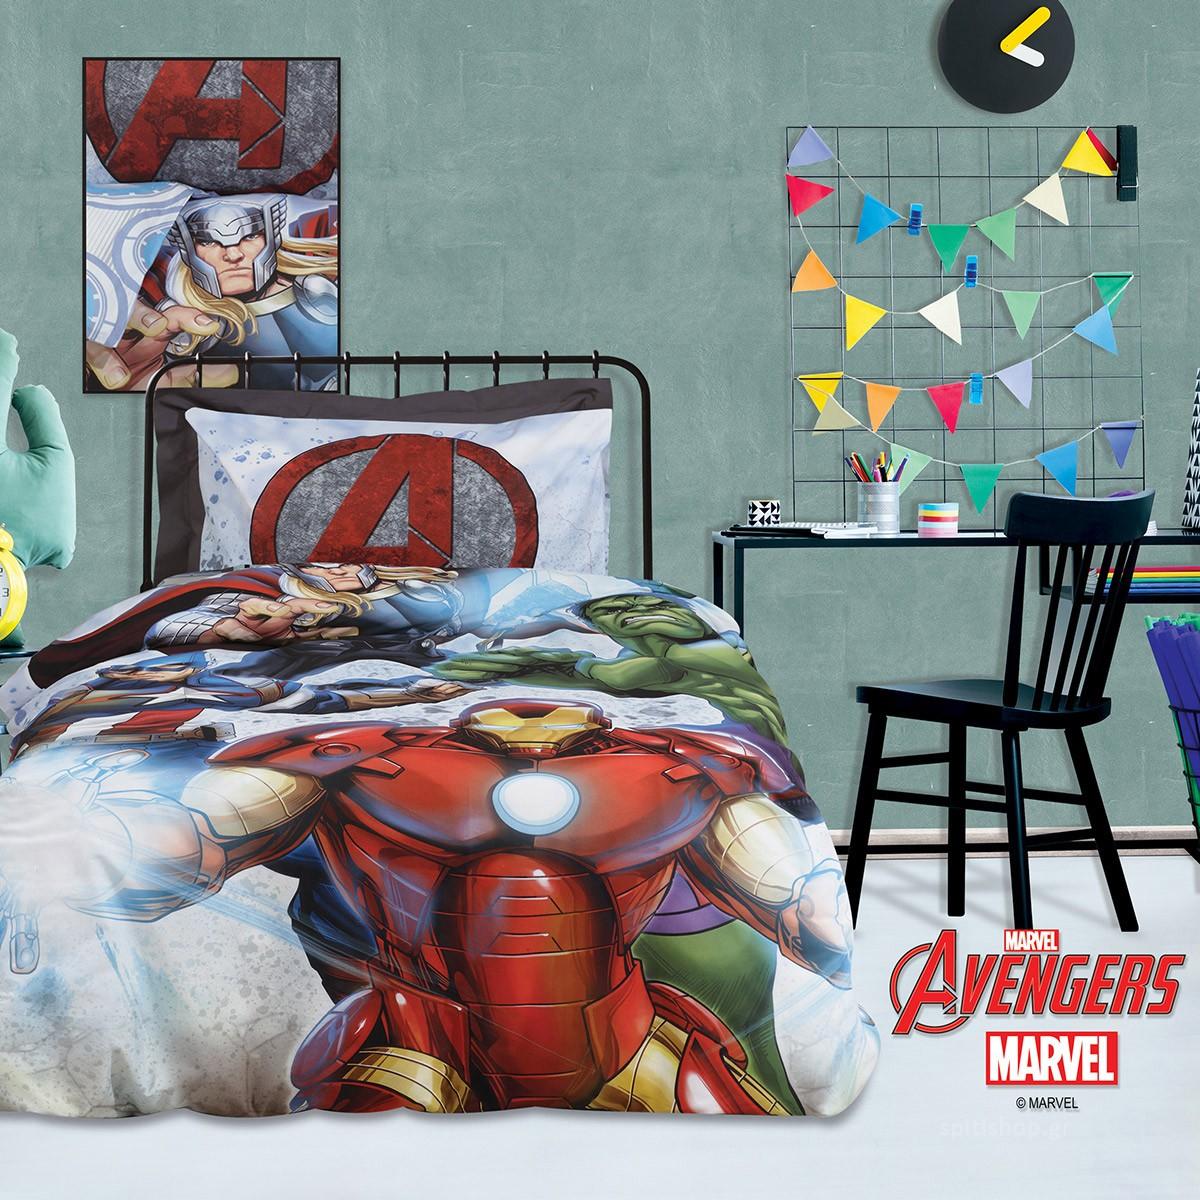 Κουβερλί Μονό (Σετ) Das Home Marvel Avengers 5006 90201